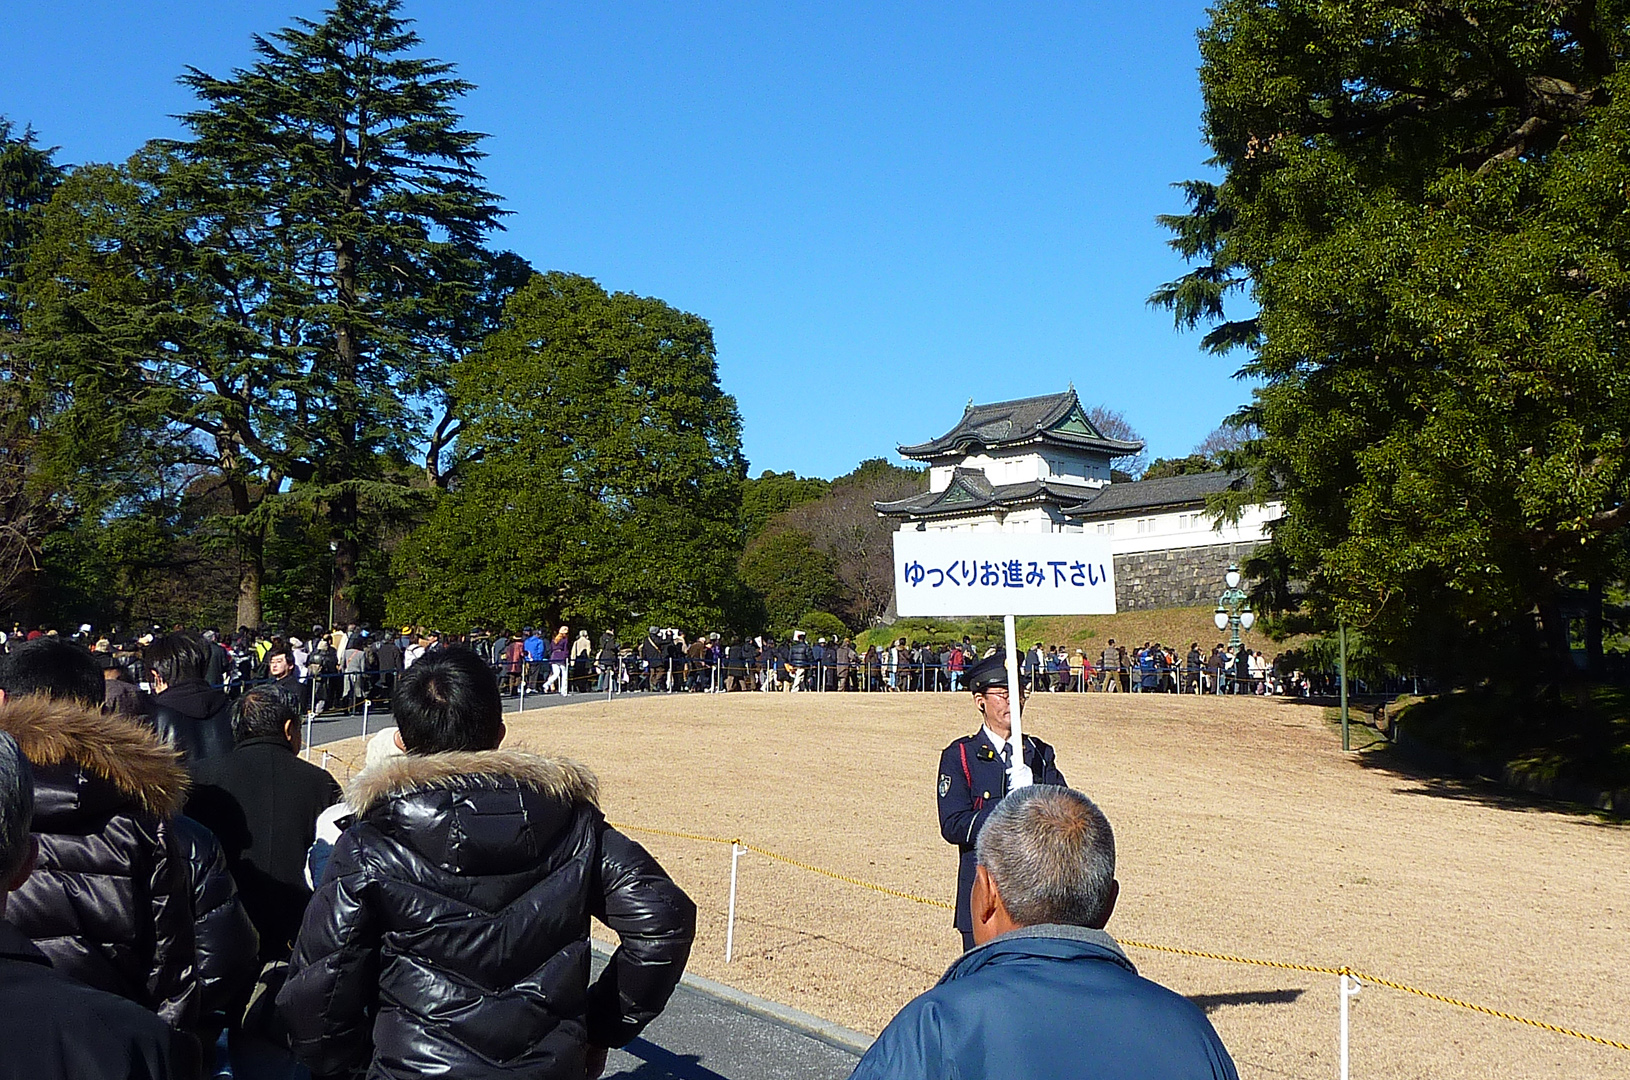 shogatsu « TravelJapanBlog.com